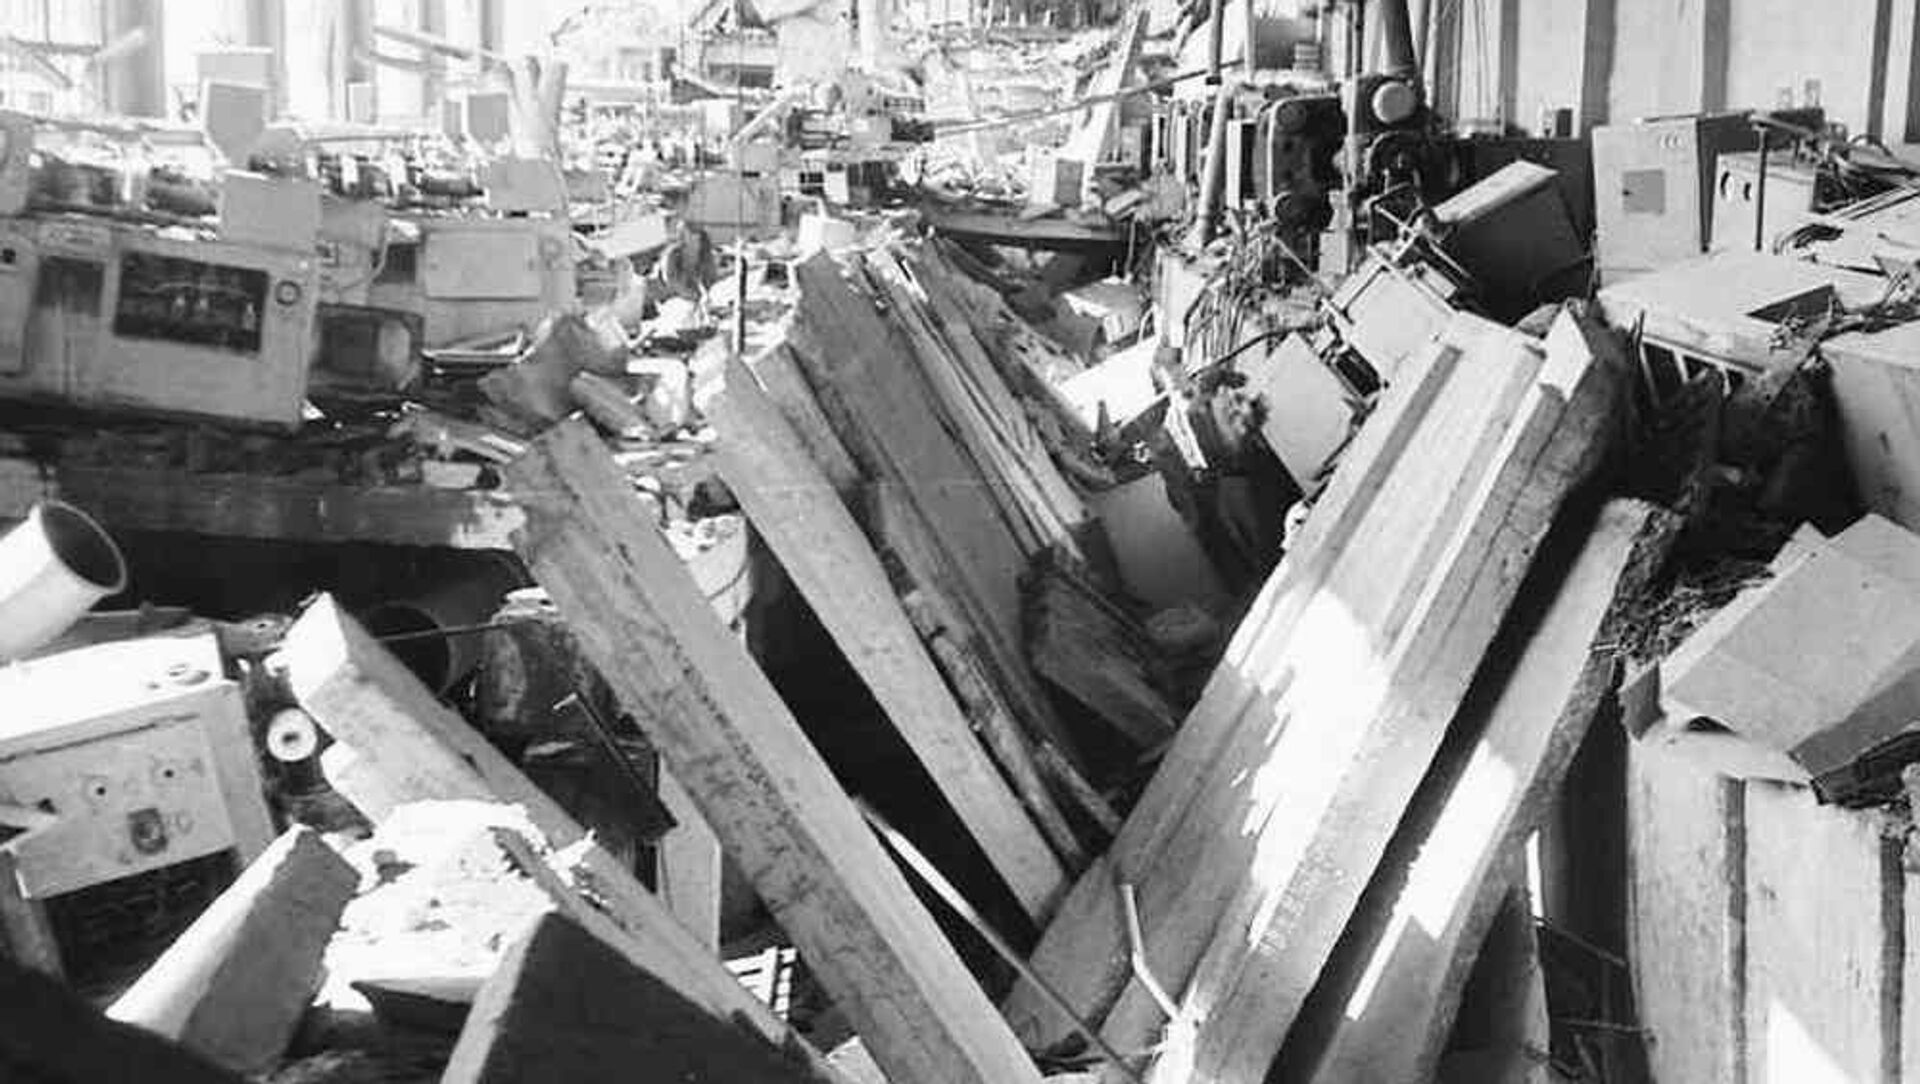 Так выглядел цех футляров Минского радиозавода после взрыва - Sputnik Беларусь, 1920, 10.03.2021